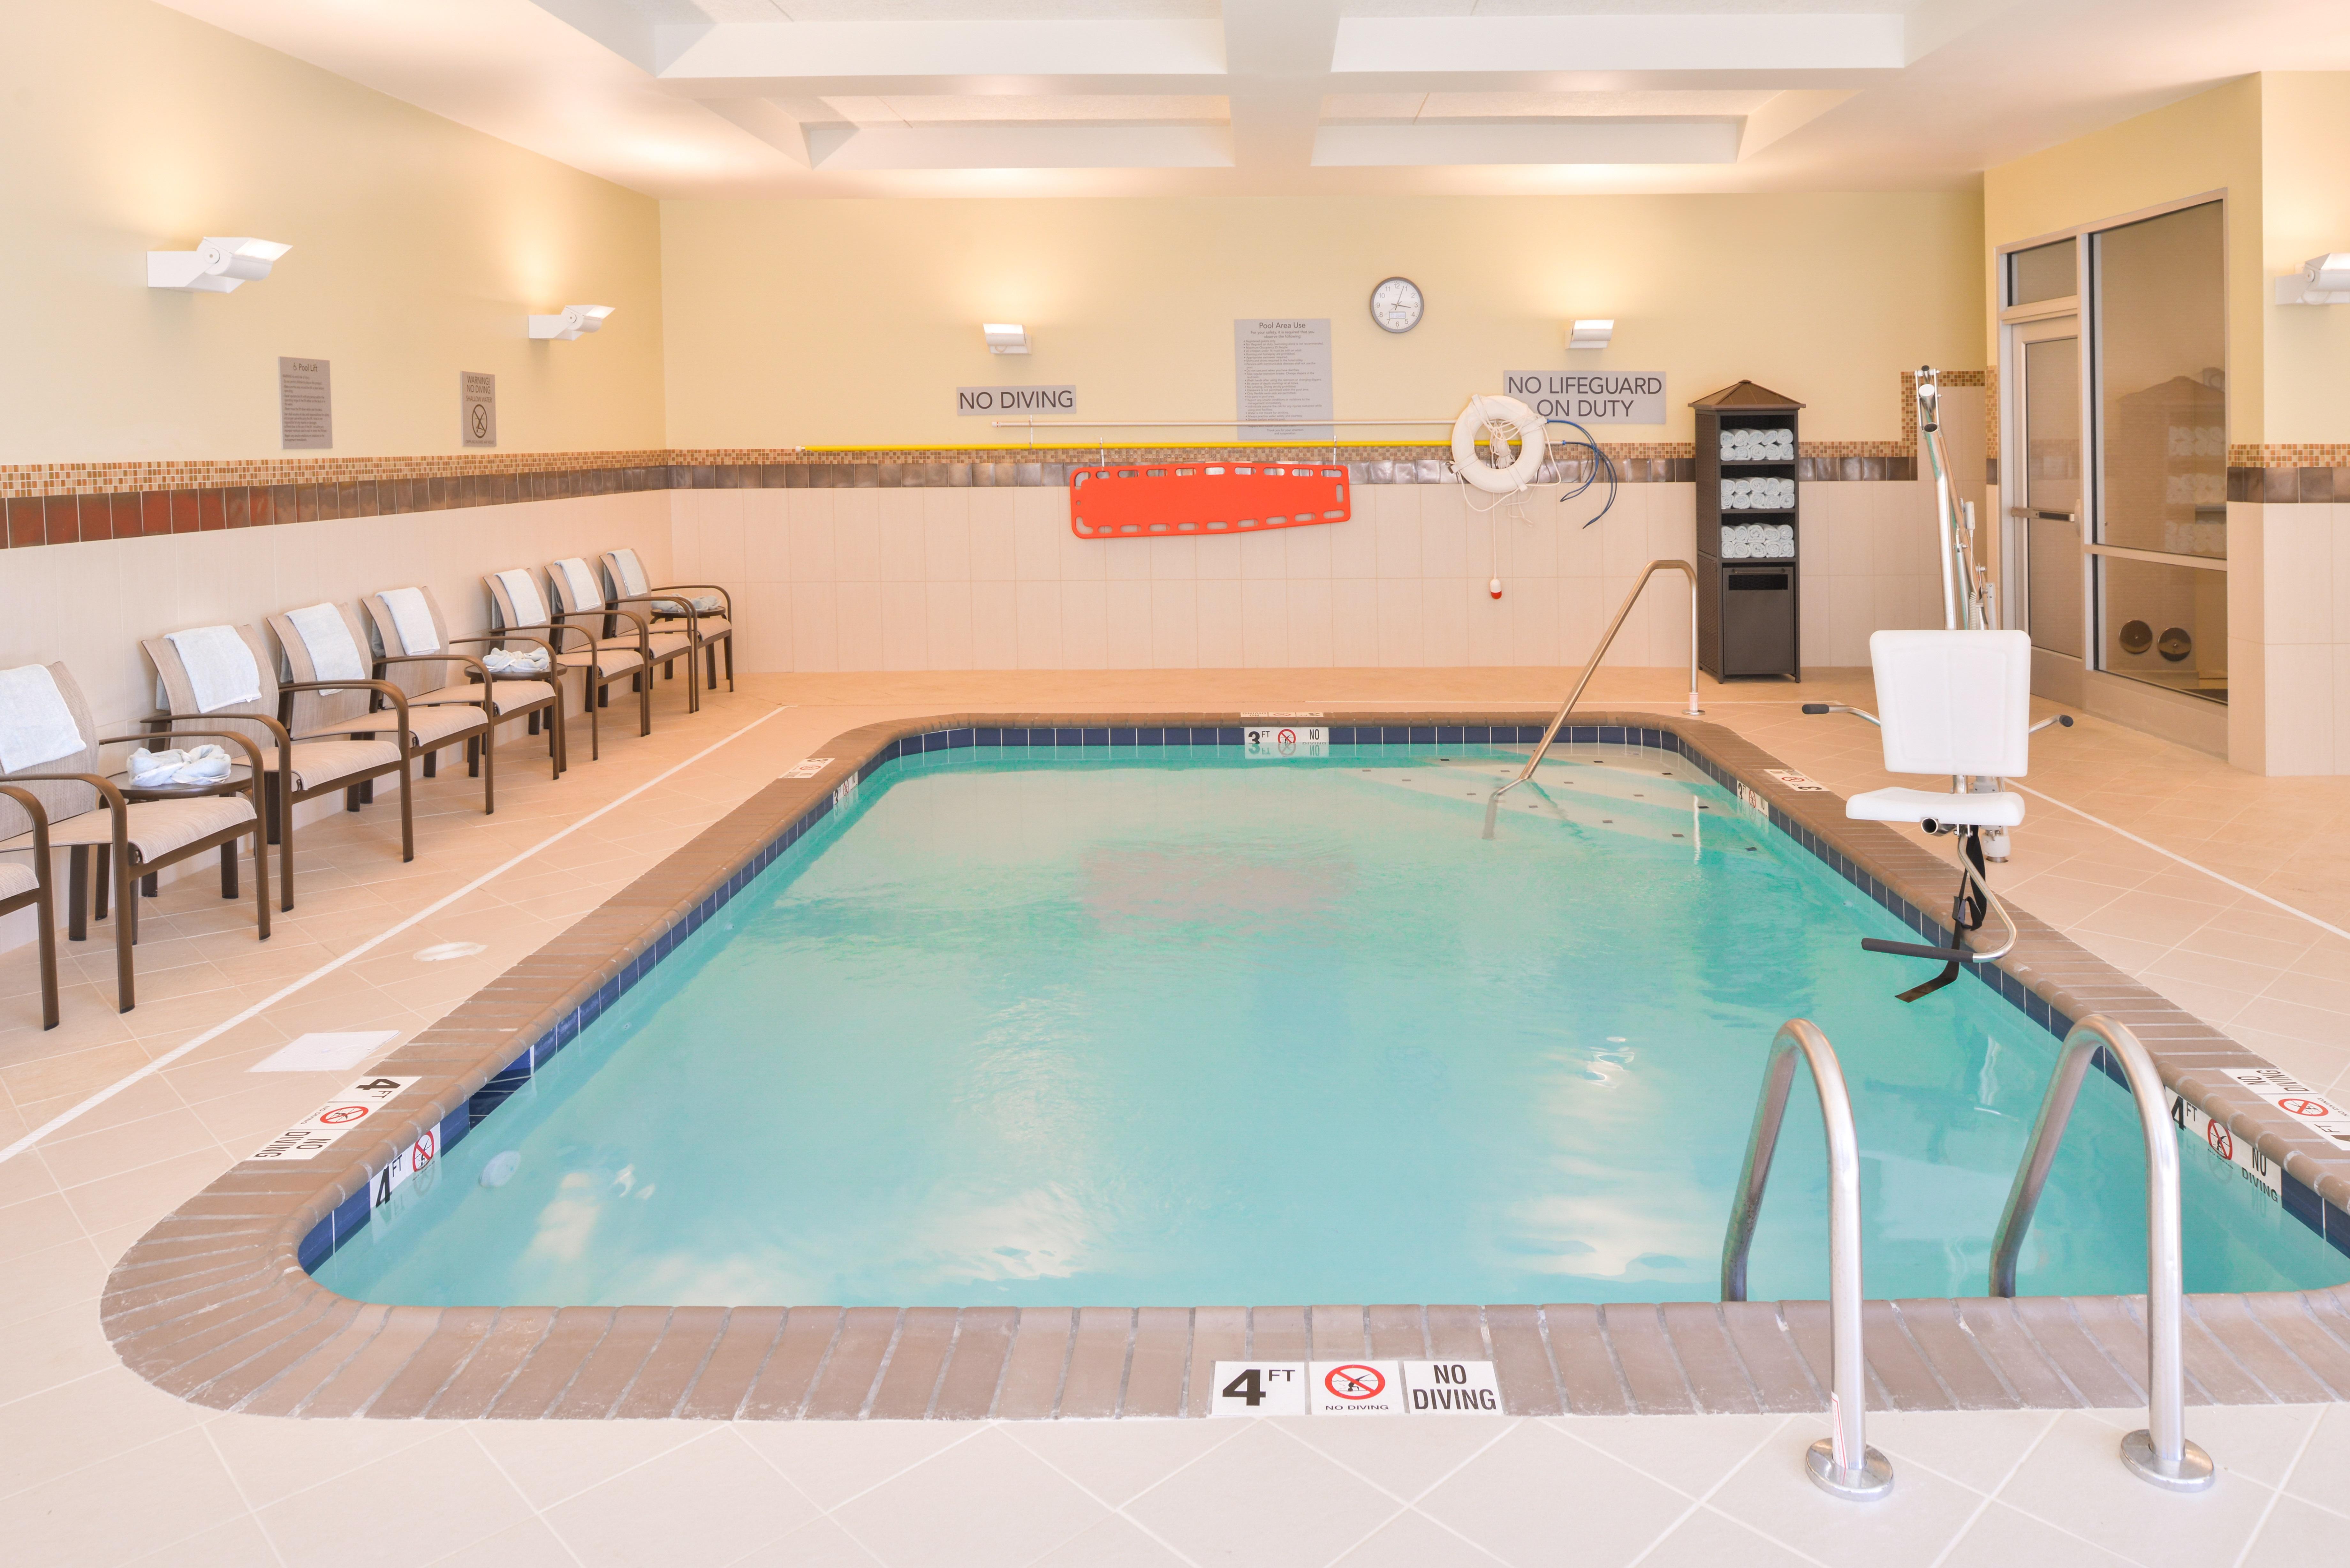 https://www.hotelsbyday.com/_data/default-hotel_image/3/15619/cy-cmhcg-pool1.jpg